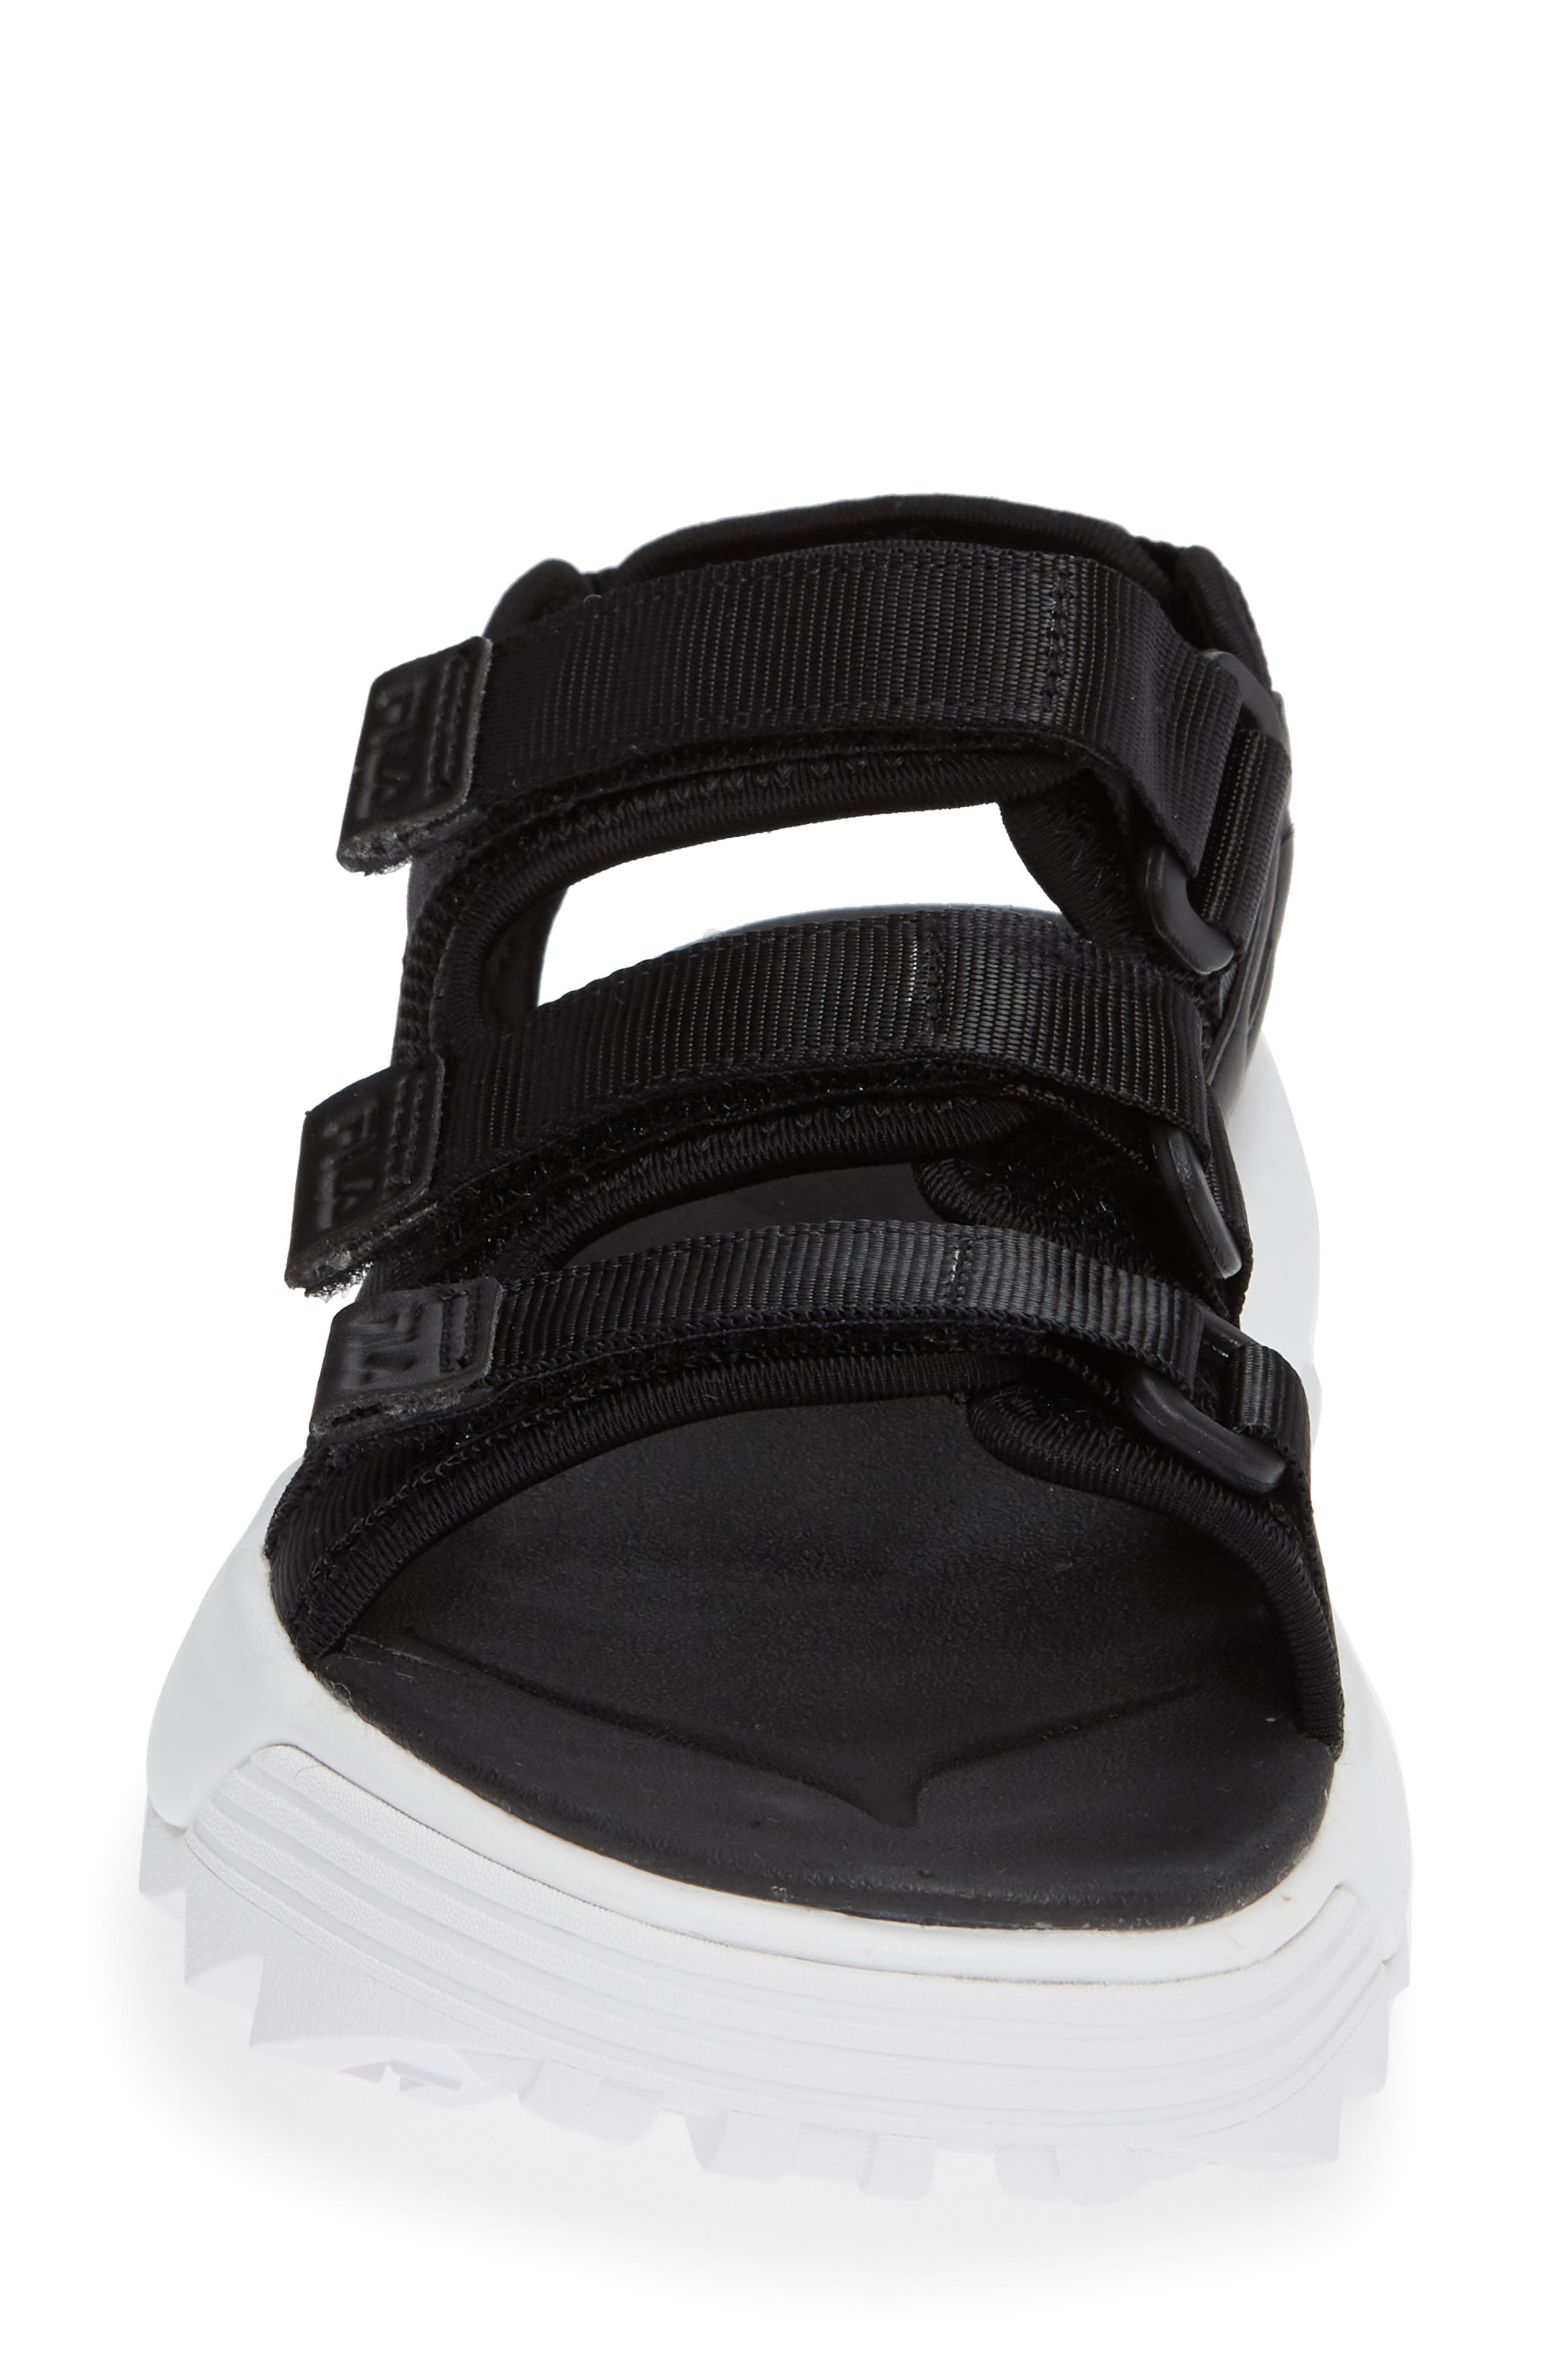 Disruptor Sandal,                             Alternate thumbnail 4, color,                             BLACK/ BLACK/ WHITE